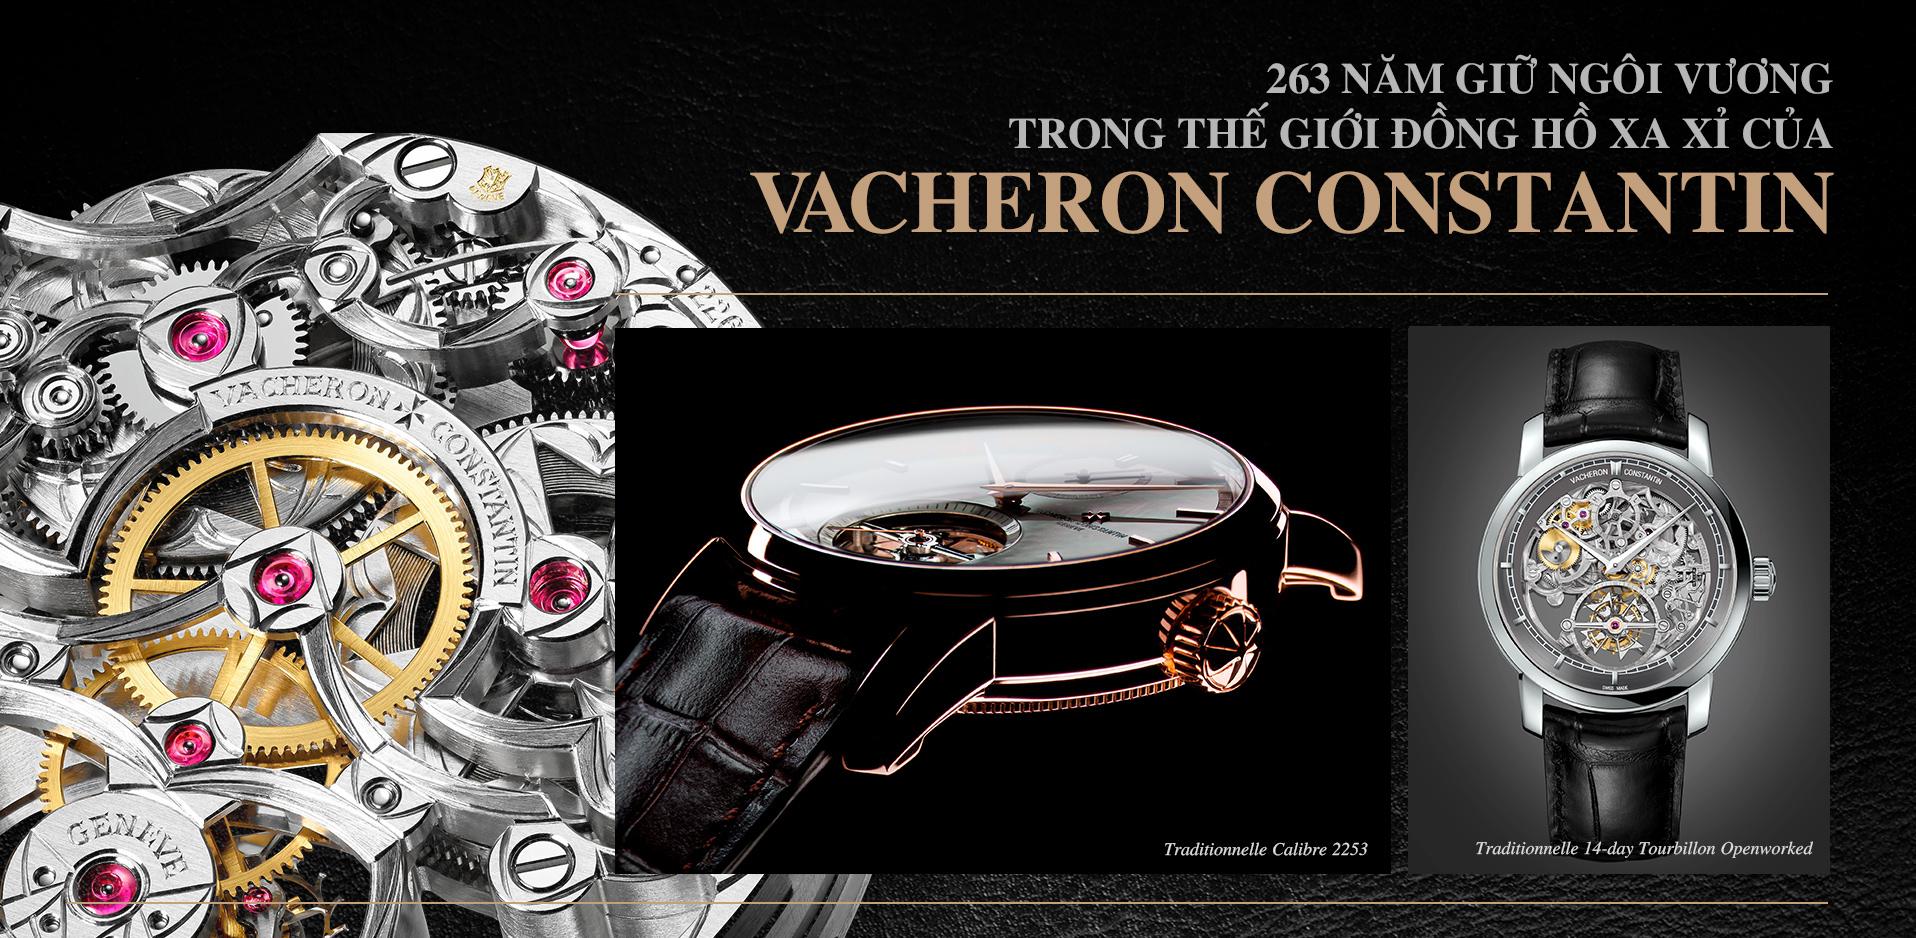 263 năm giữ ngôi vương trong thế giới đồng hồ xa xỉ của Vacheron Constantin